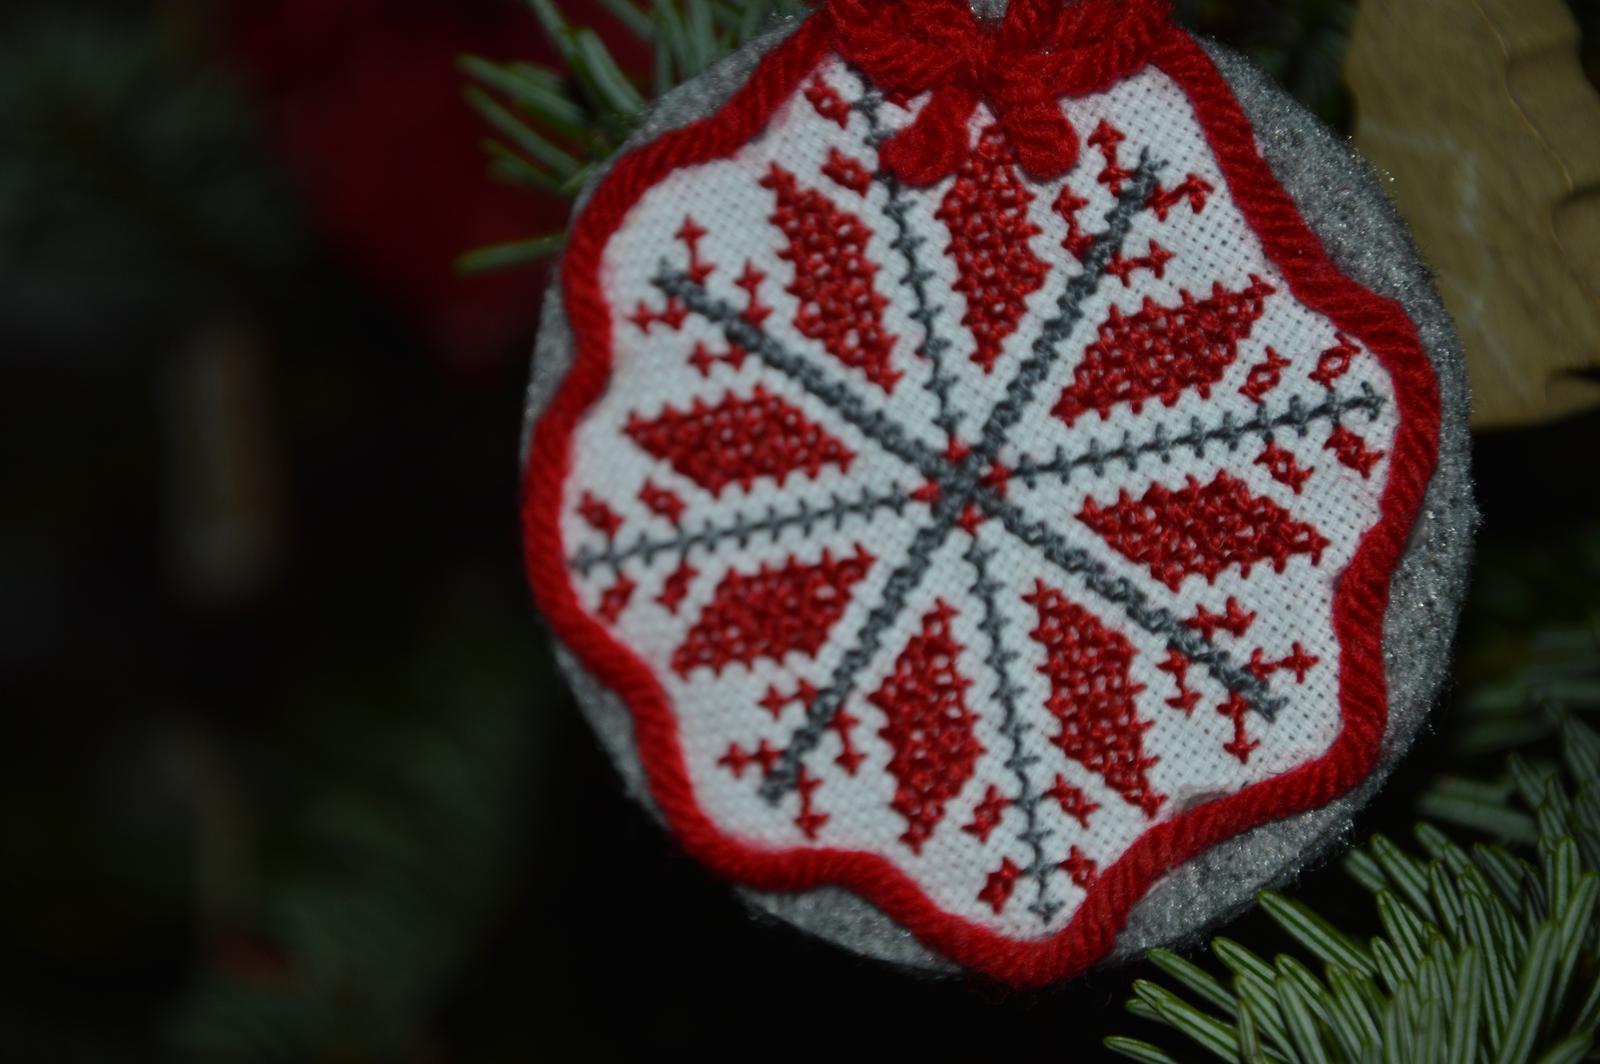 ★☆★Adventný a vianočný čas u nás ... ★☆★ 2015, 2016 - ručná výroba - ozdobka snehová vločka už na strome :-)